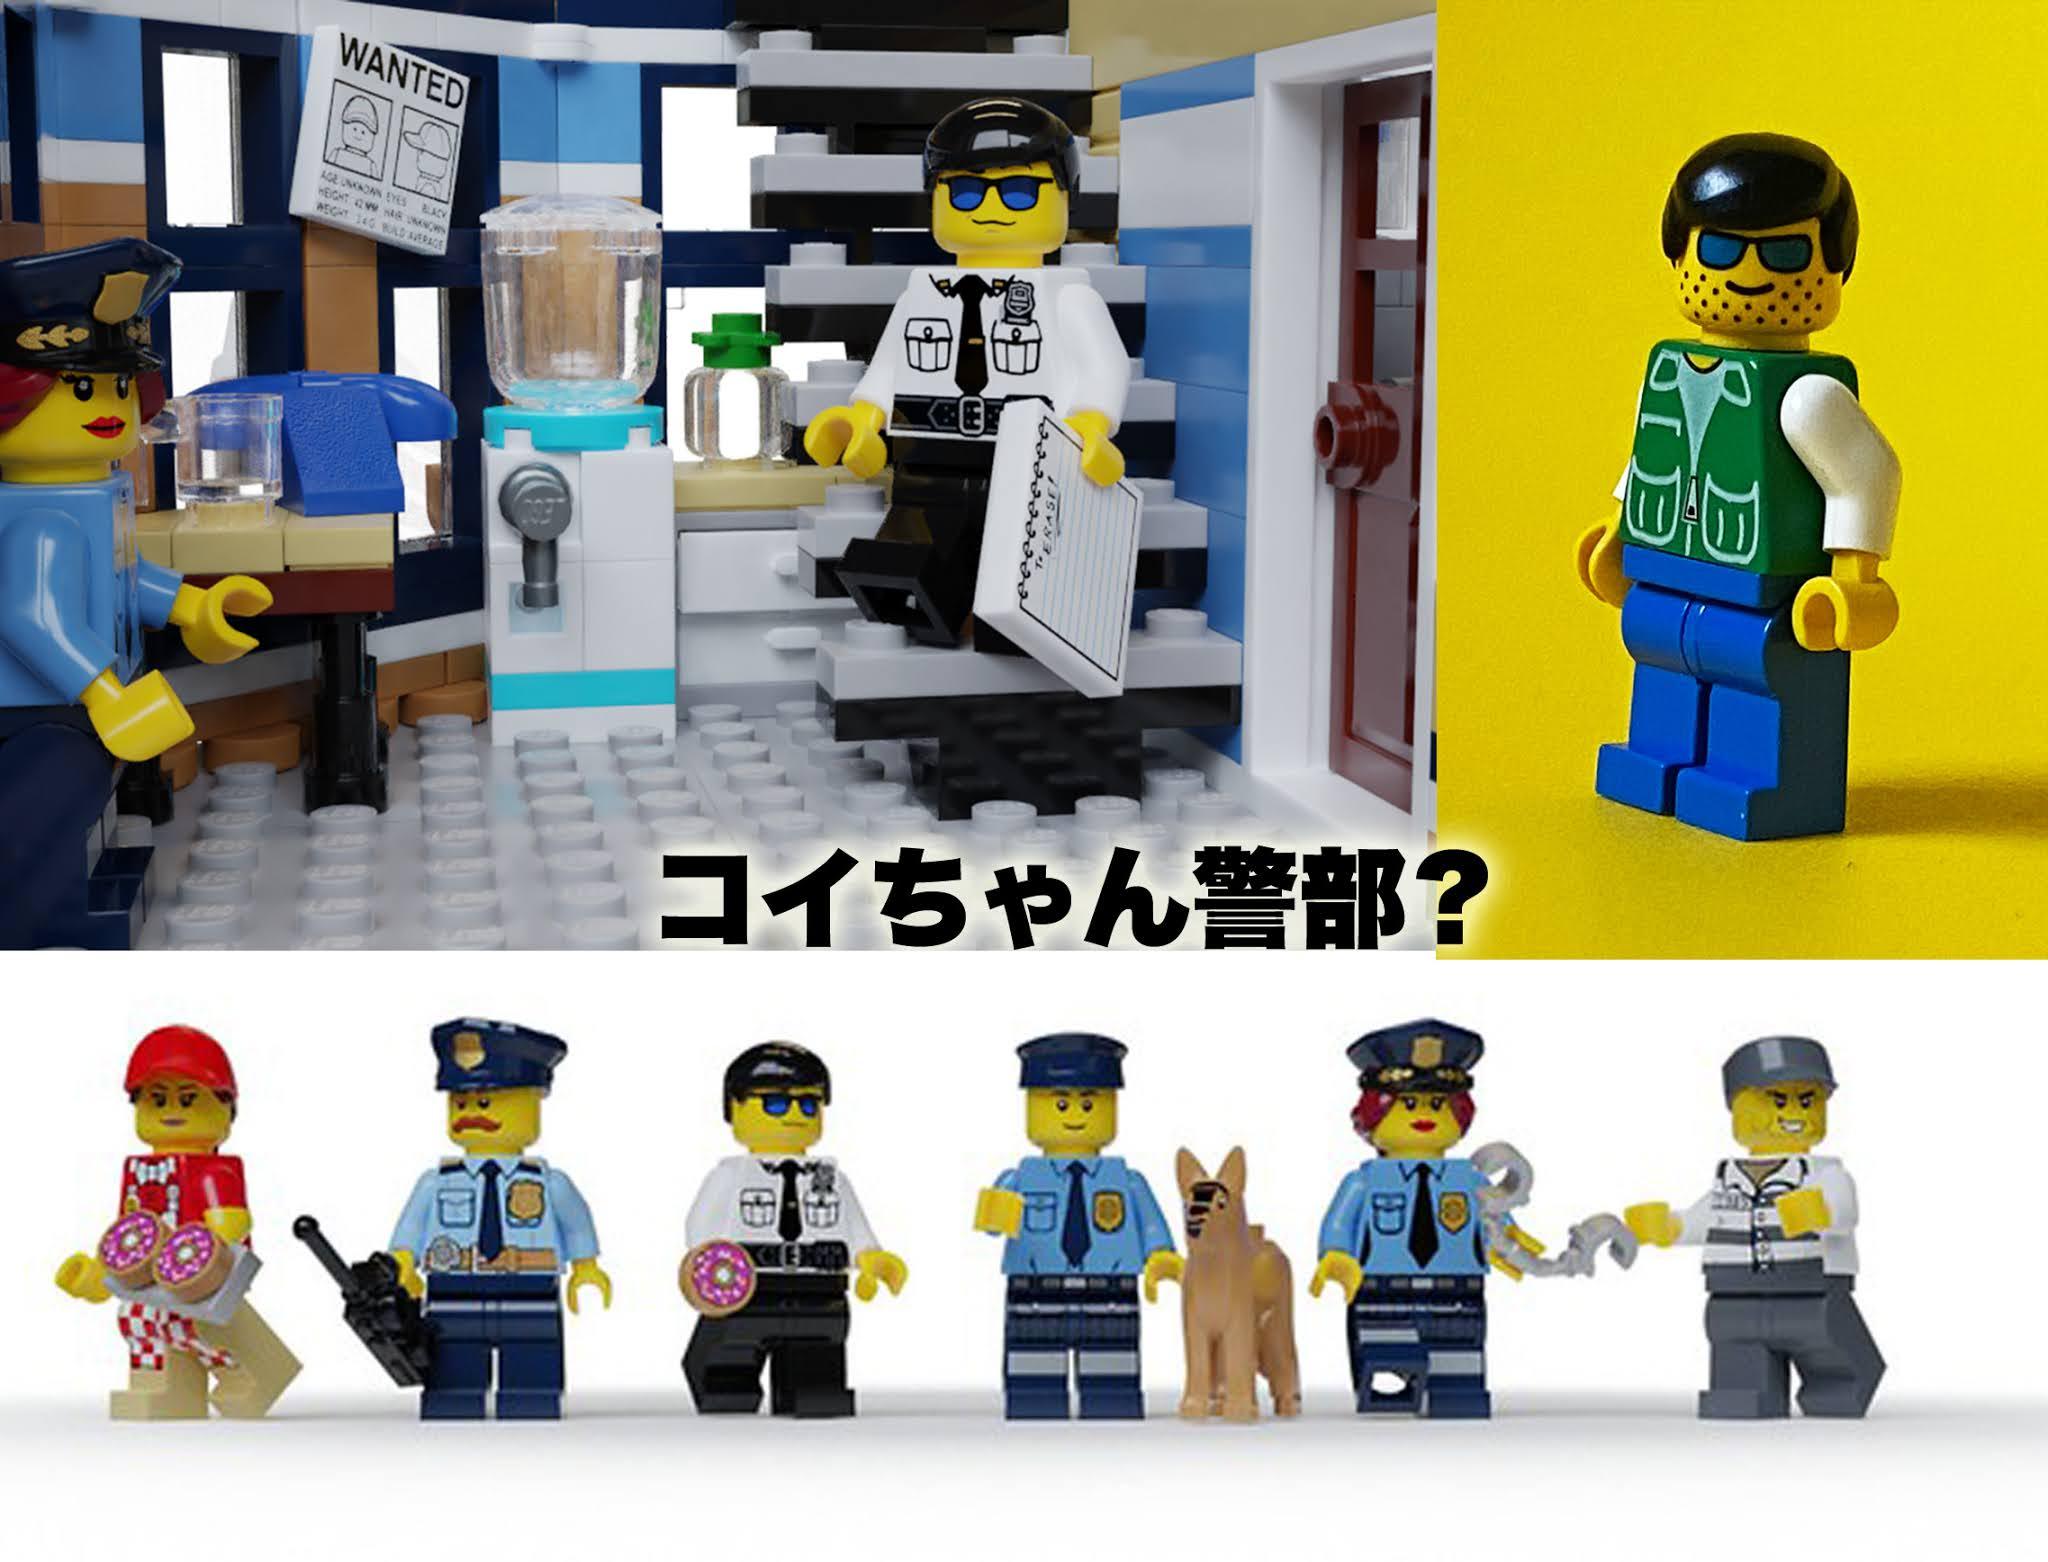 ブリックタウン警察署:Brick Town Police Station